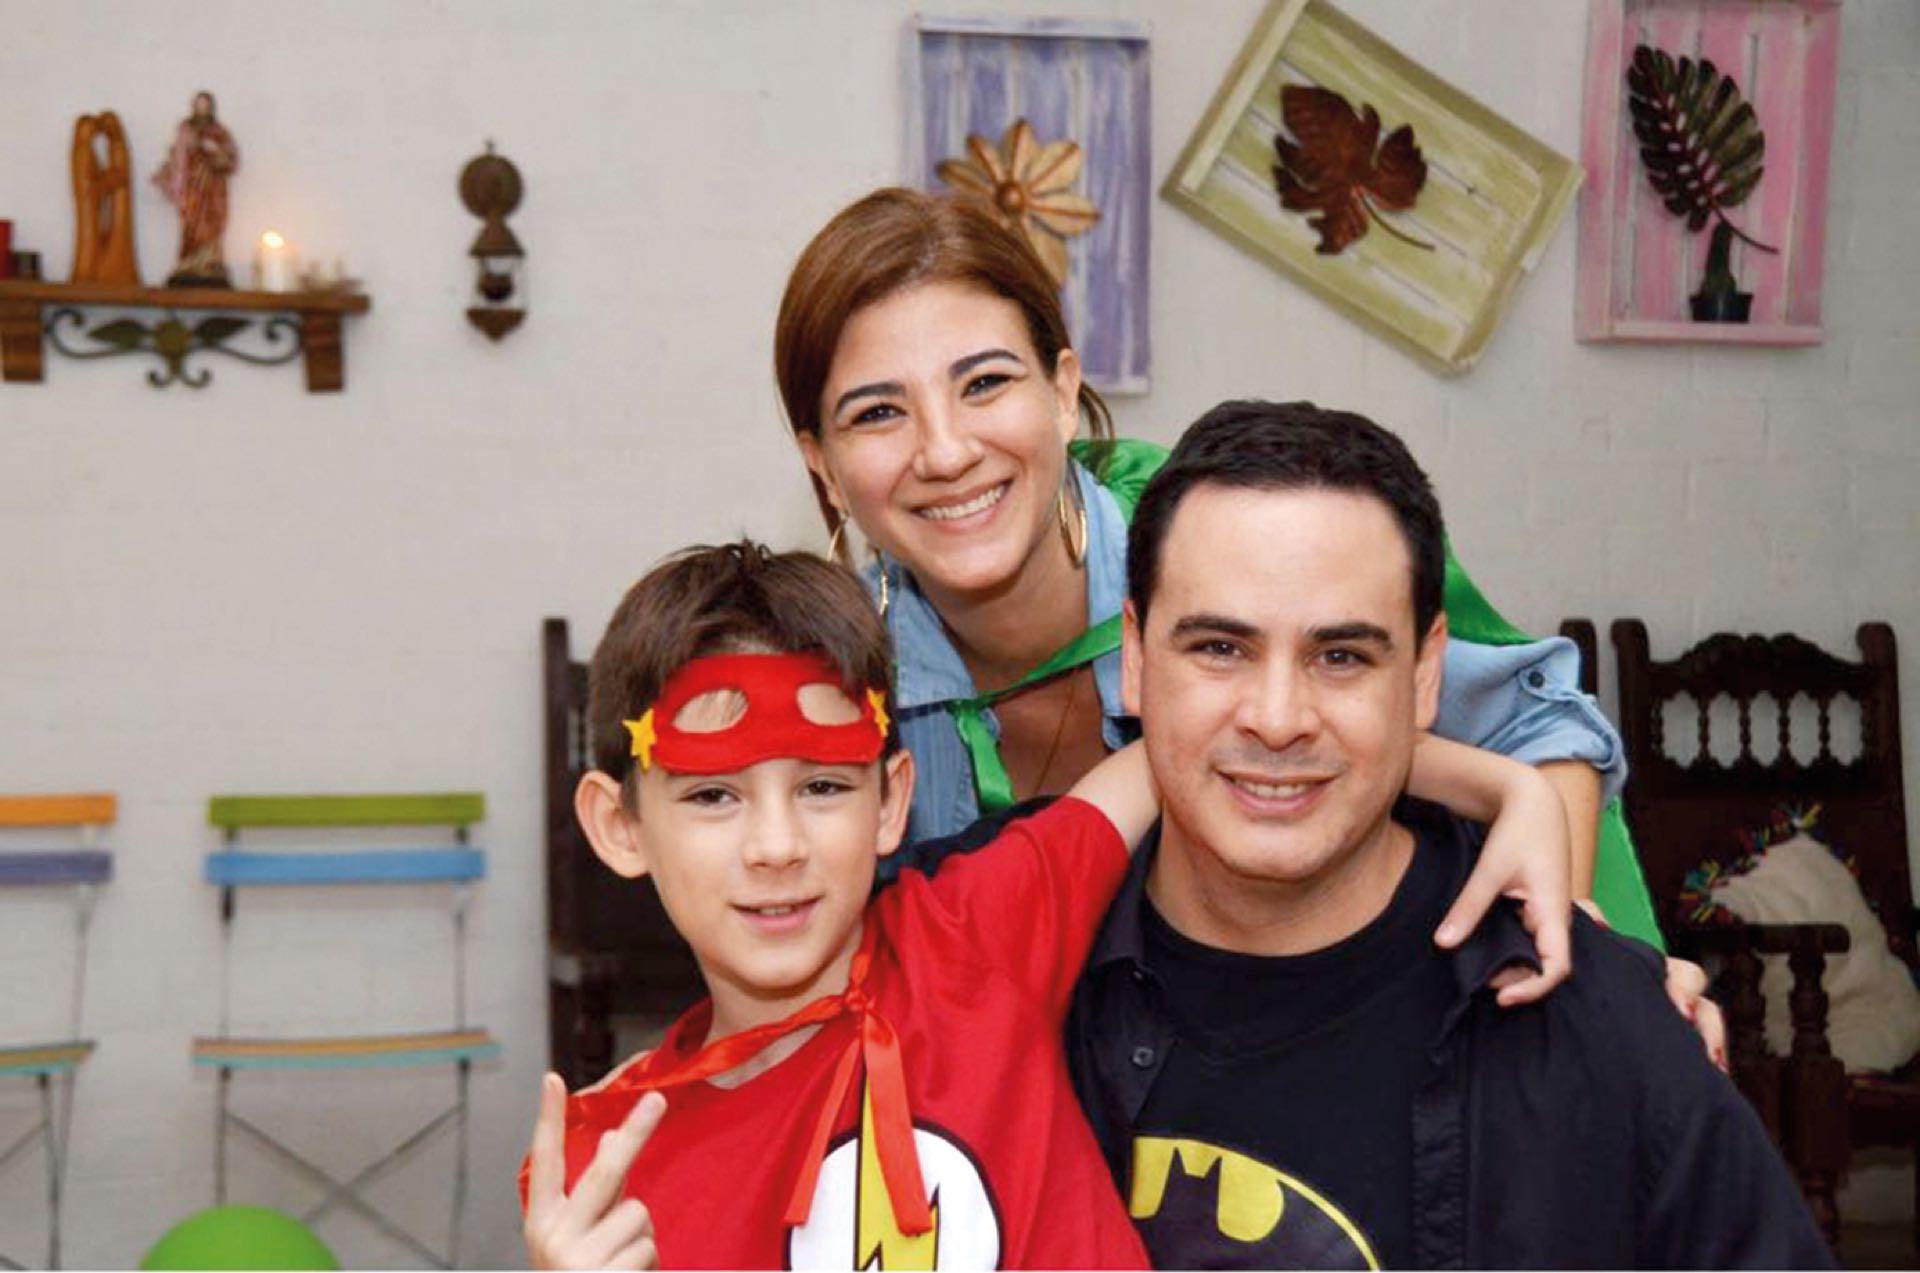 Hace seis meses que Federico y sus padres empezaron la fundación que lleva su nombre e intenta concientizar sobre los Trastornos del Espectro Autista.